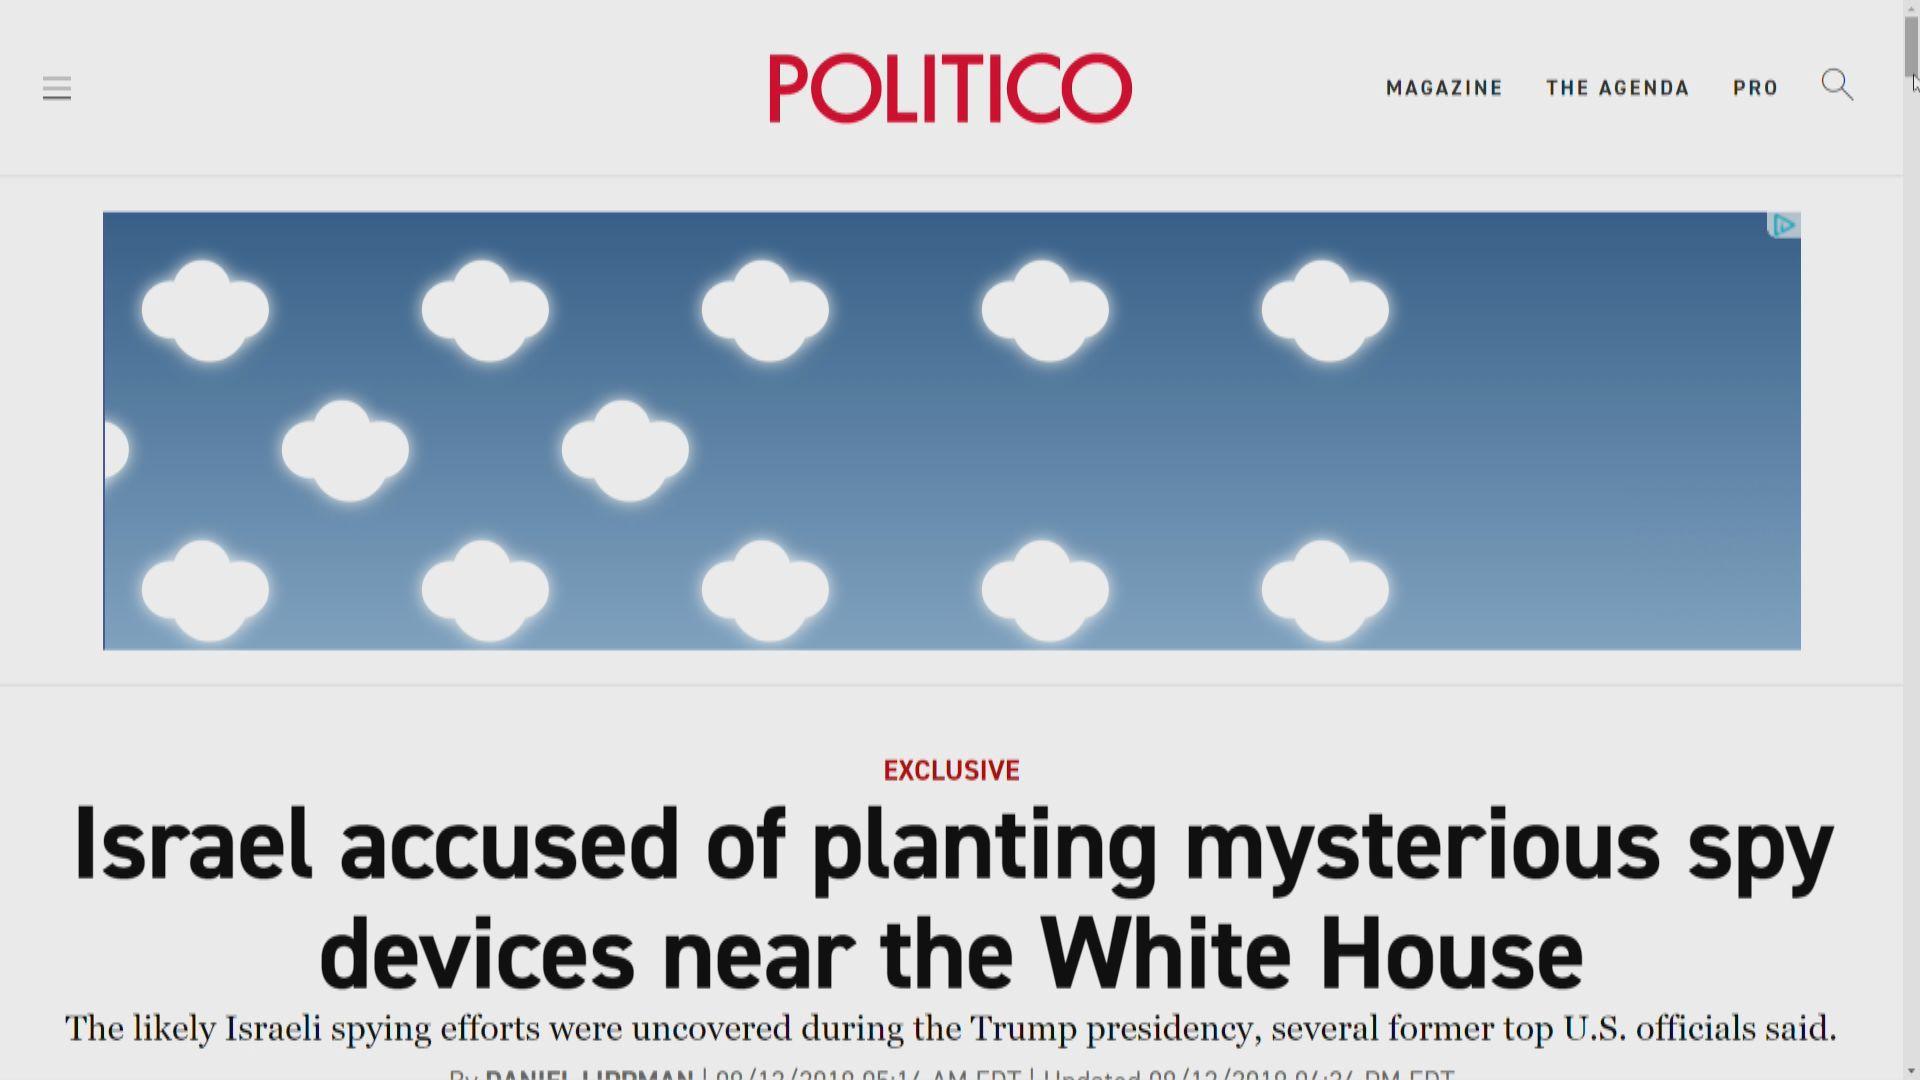 美媒指當局發現以色列監控白宮後選擇不追究